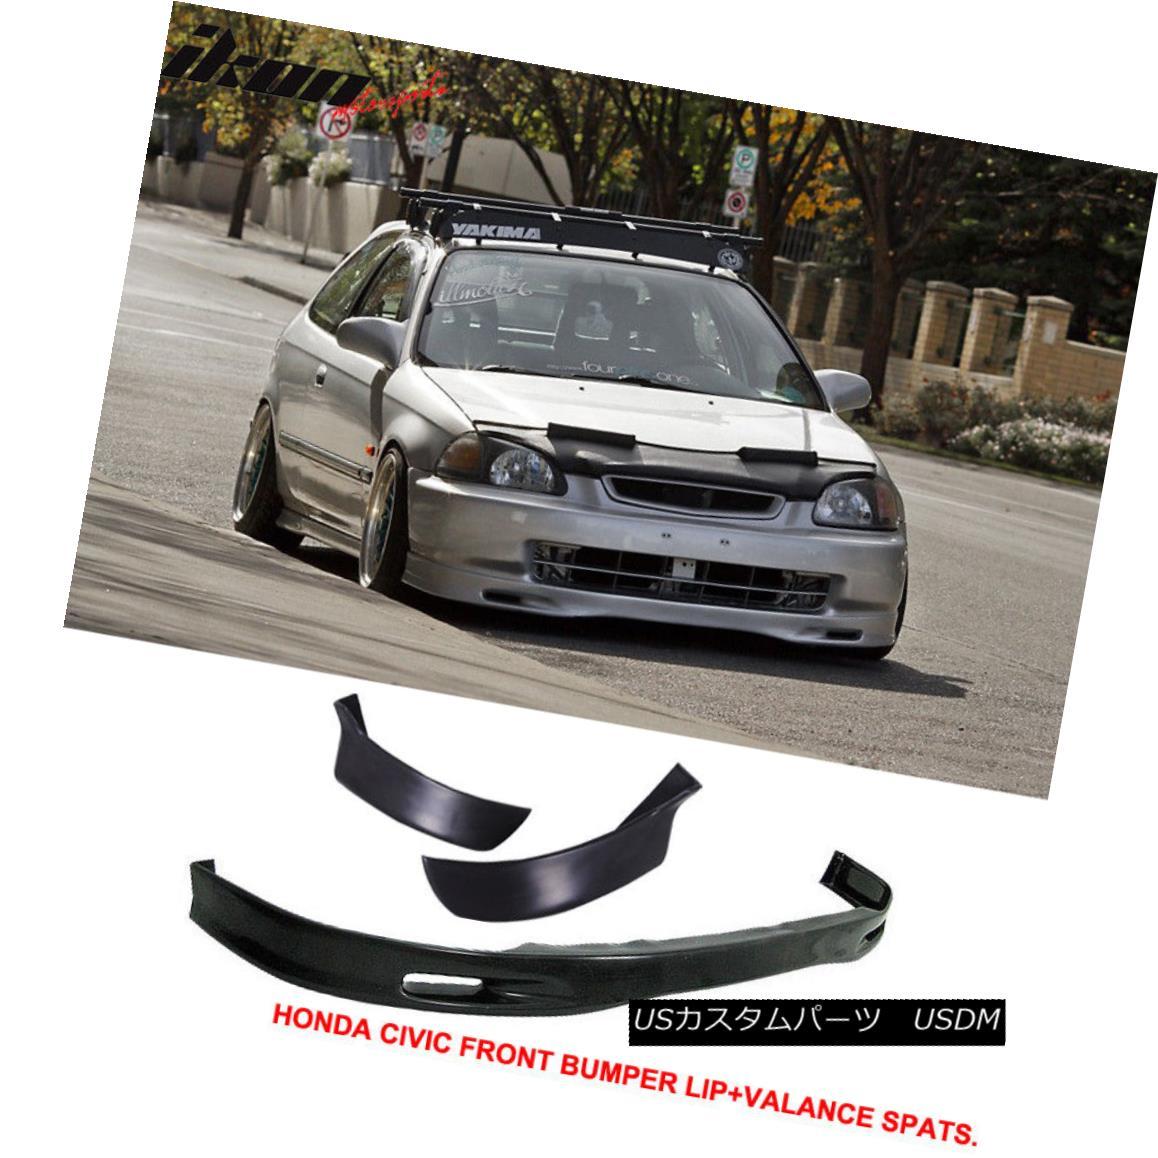 エアロパーツ Fits 96-98 Honda Civic 3Dr Spoon Front Bumper Lip + 2PC Rear Lip Valance Spats フィット96-98ホンダシビック3Drスプーンフロントバンパーリップ+ 2PCリアリップバランススパッツ